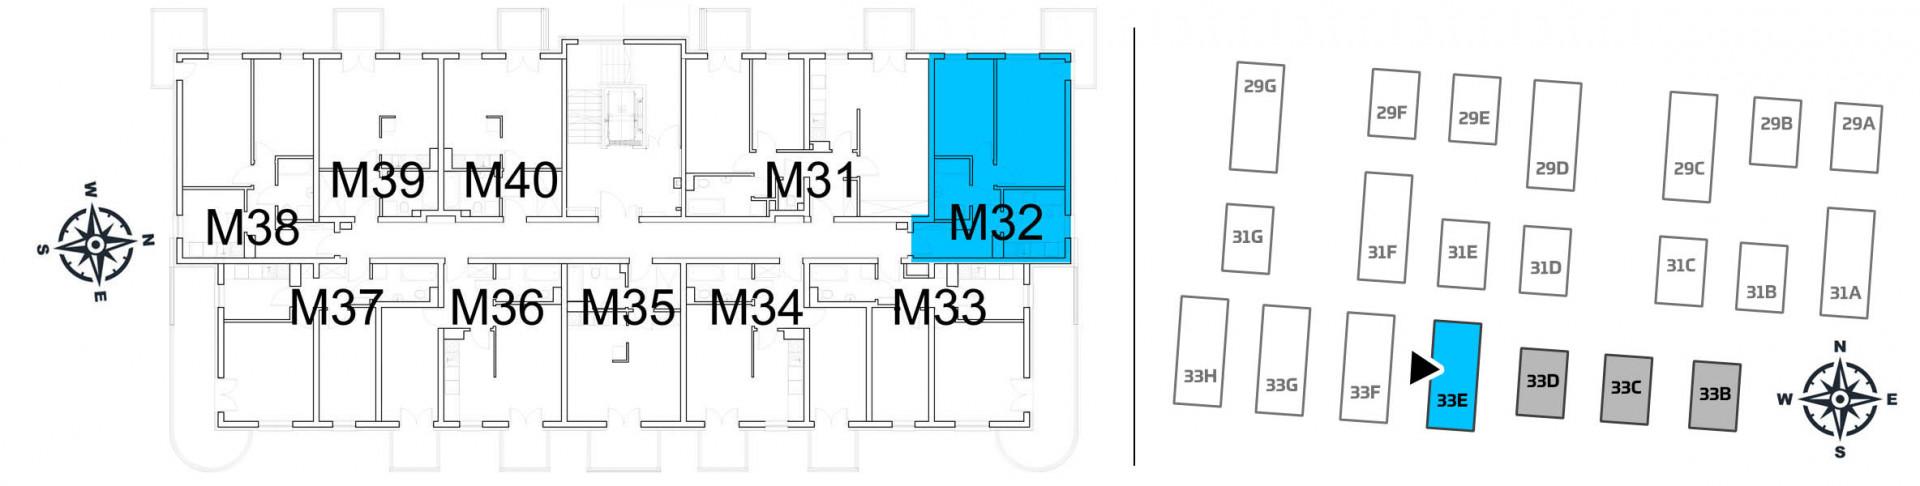 Mieszkanie dwupokojowe 33E/32 rzut 2